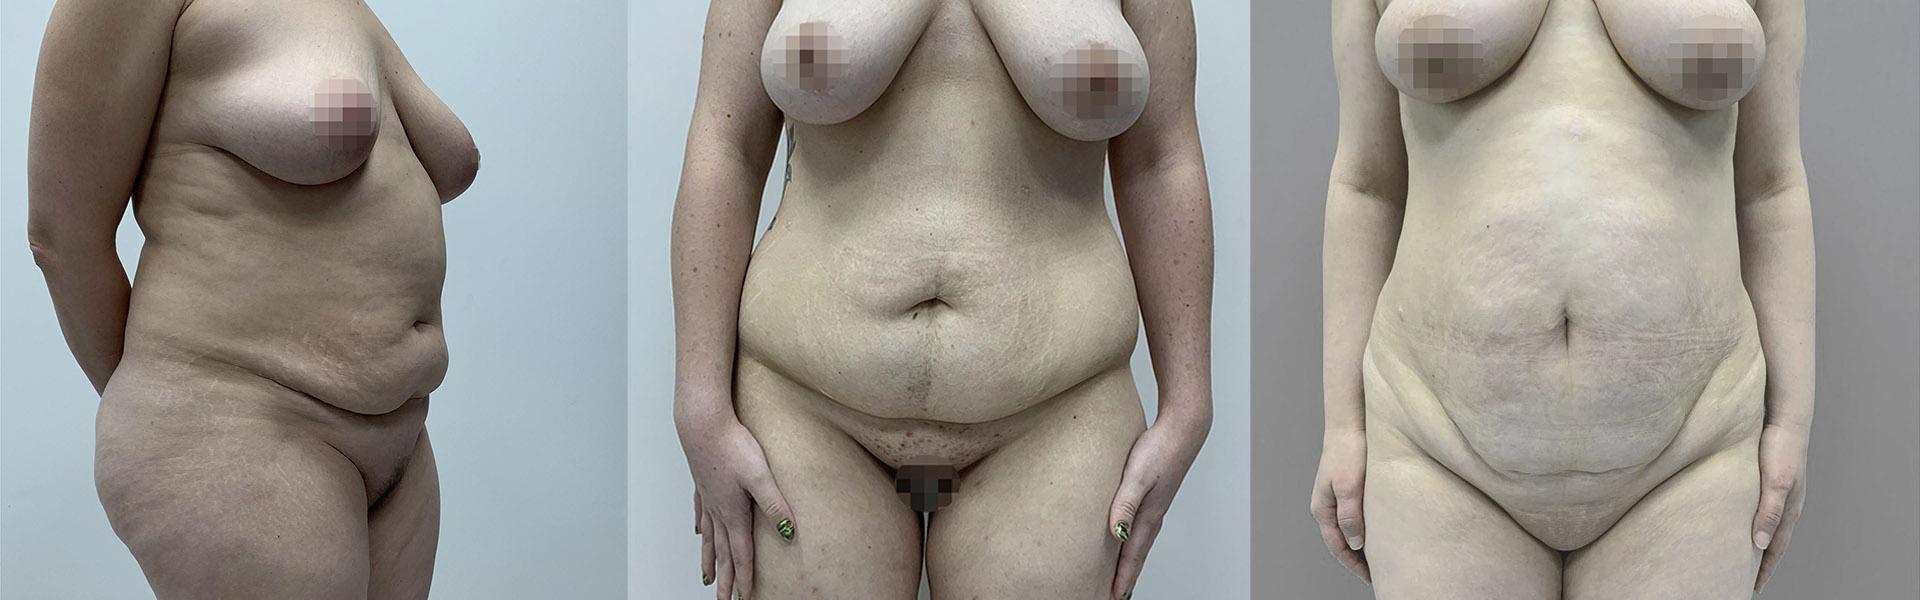 Пластическая хирургия после похудения